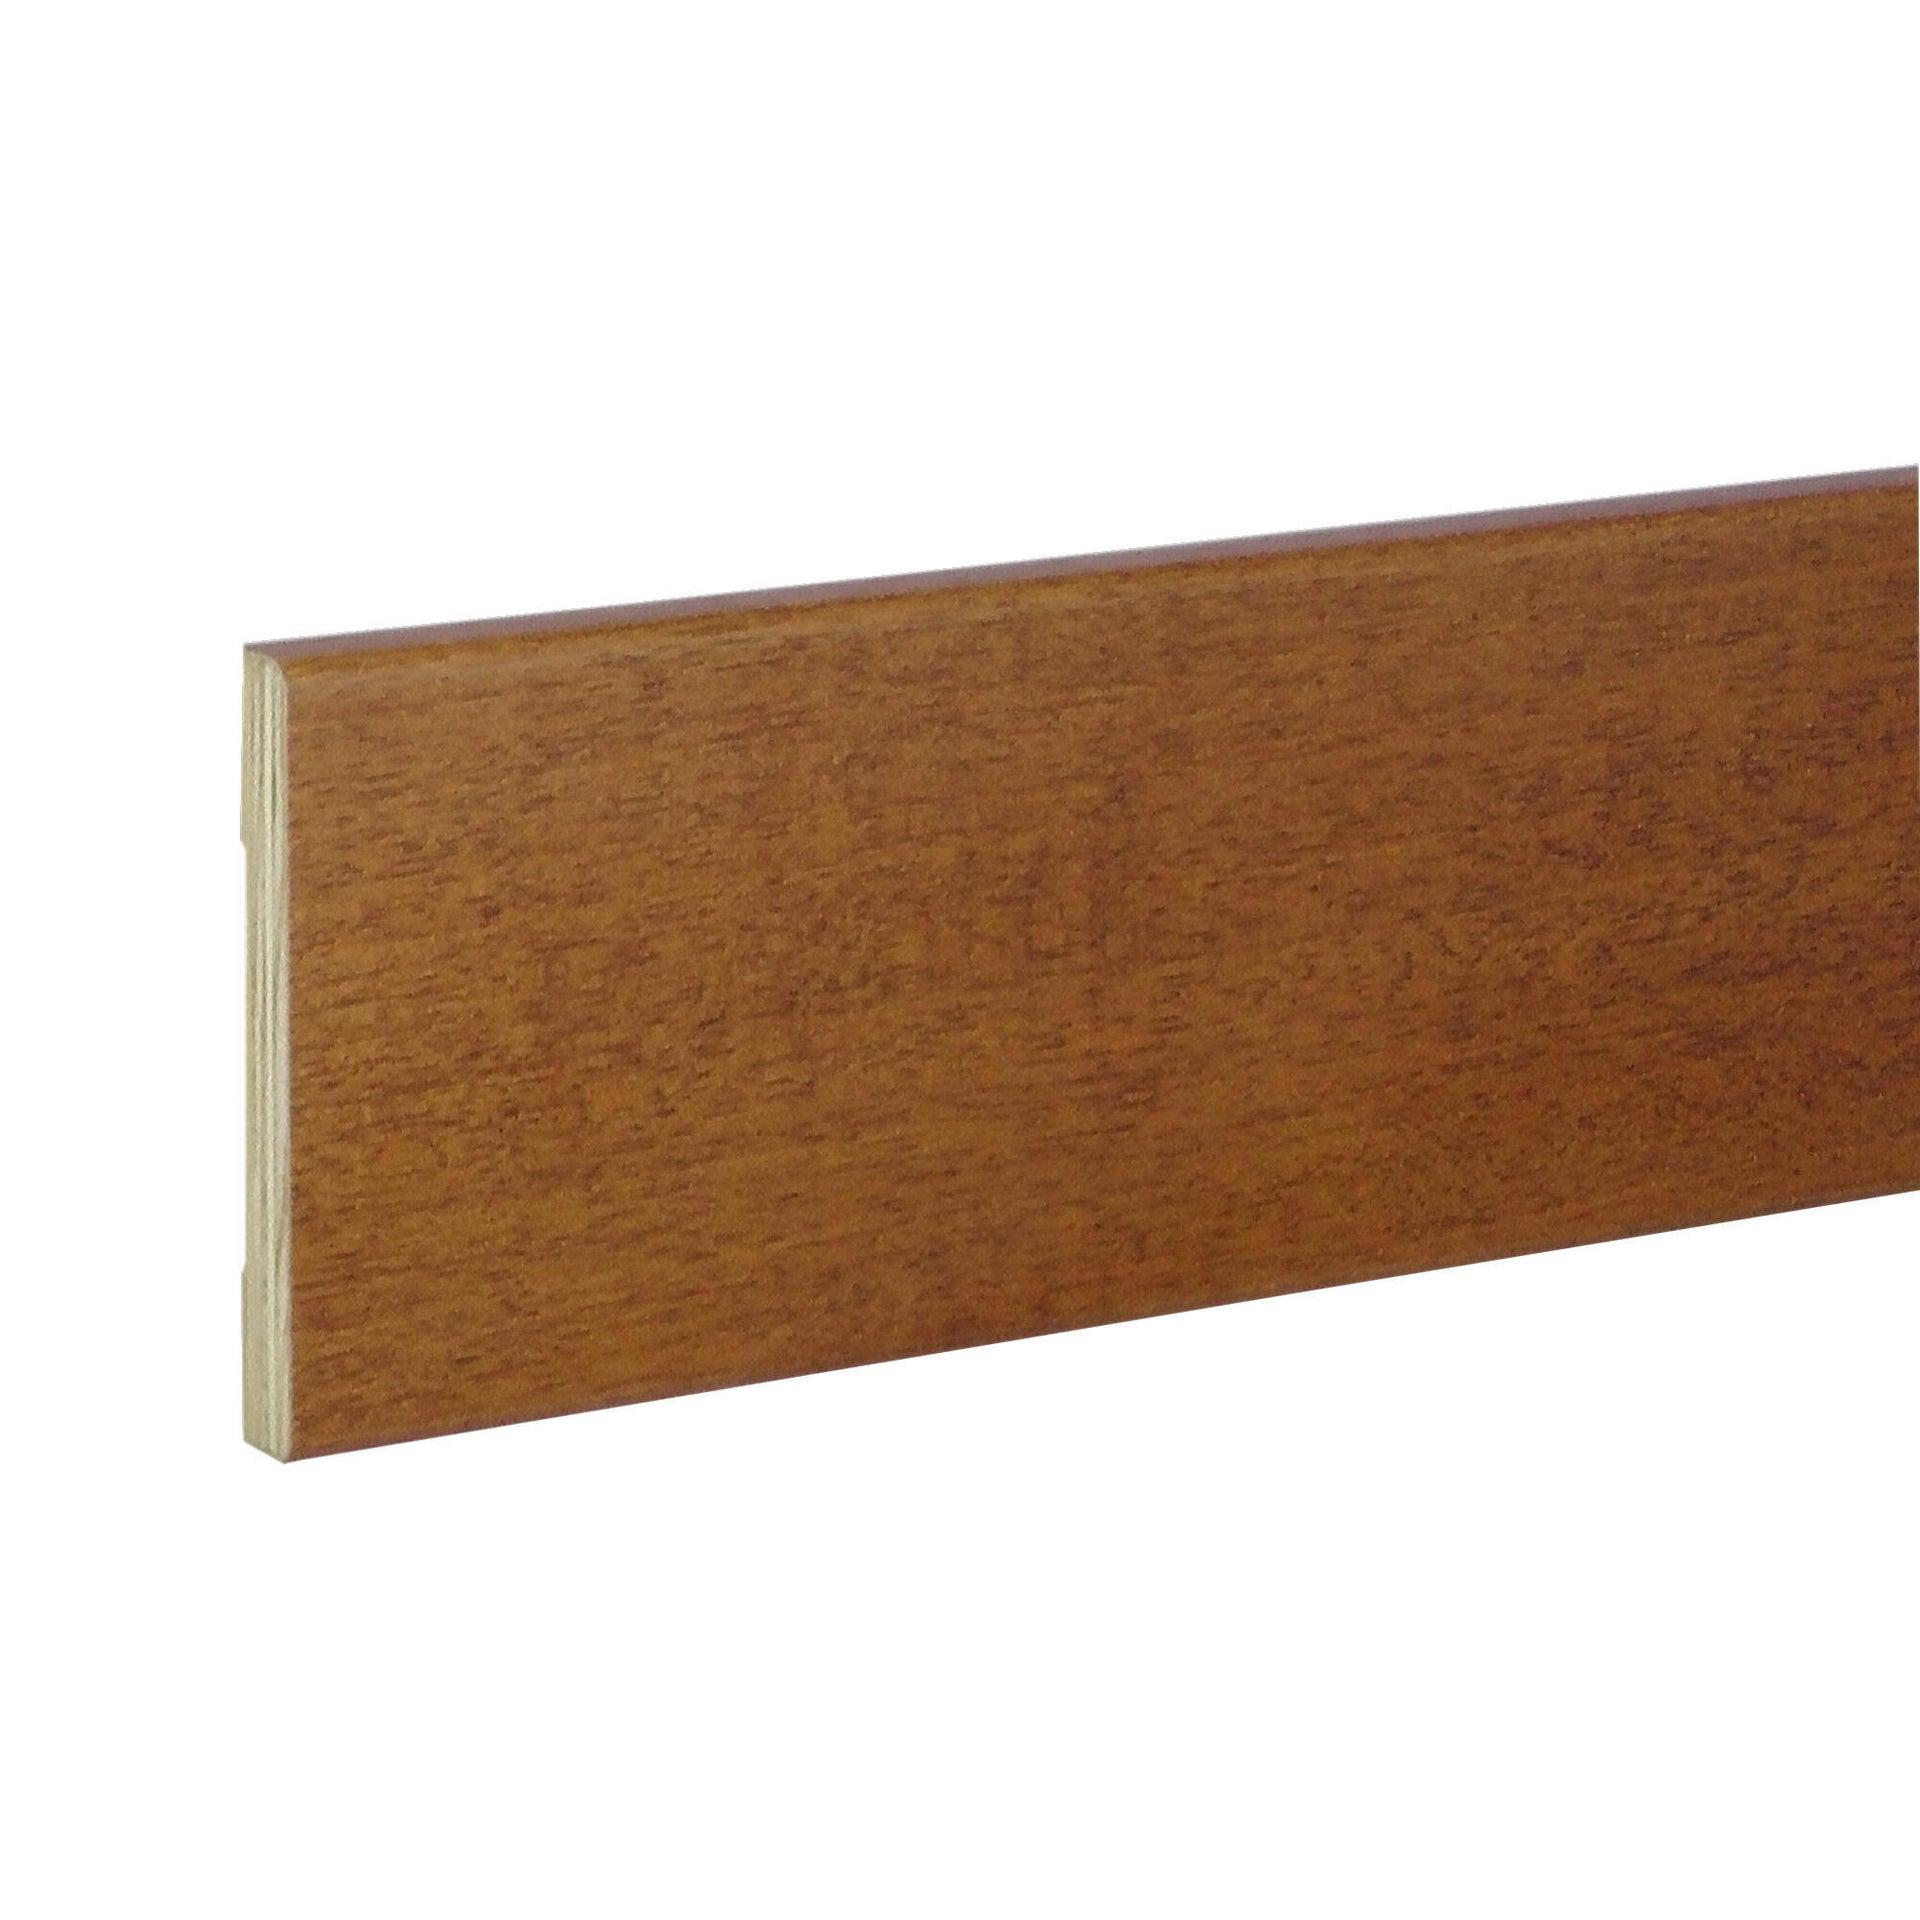 Coprifilo in legno legno massello noce scuro L 2250 x P 10 x H 70 mm - 6